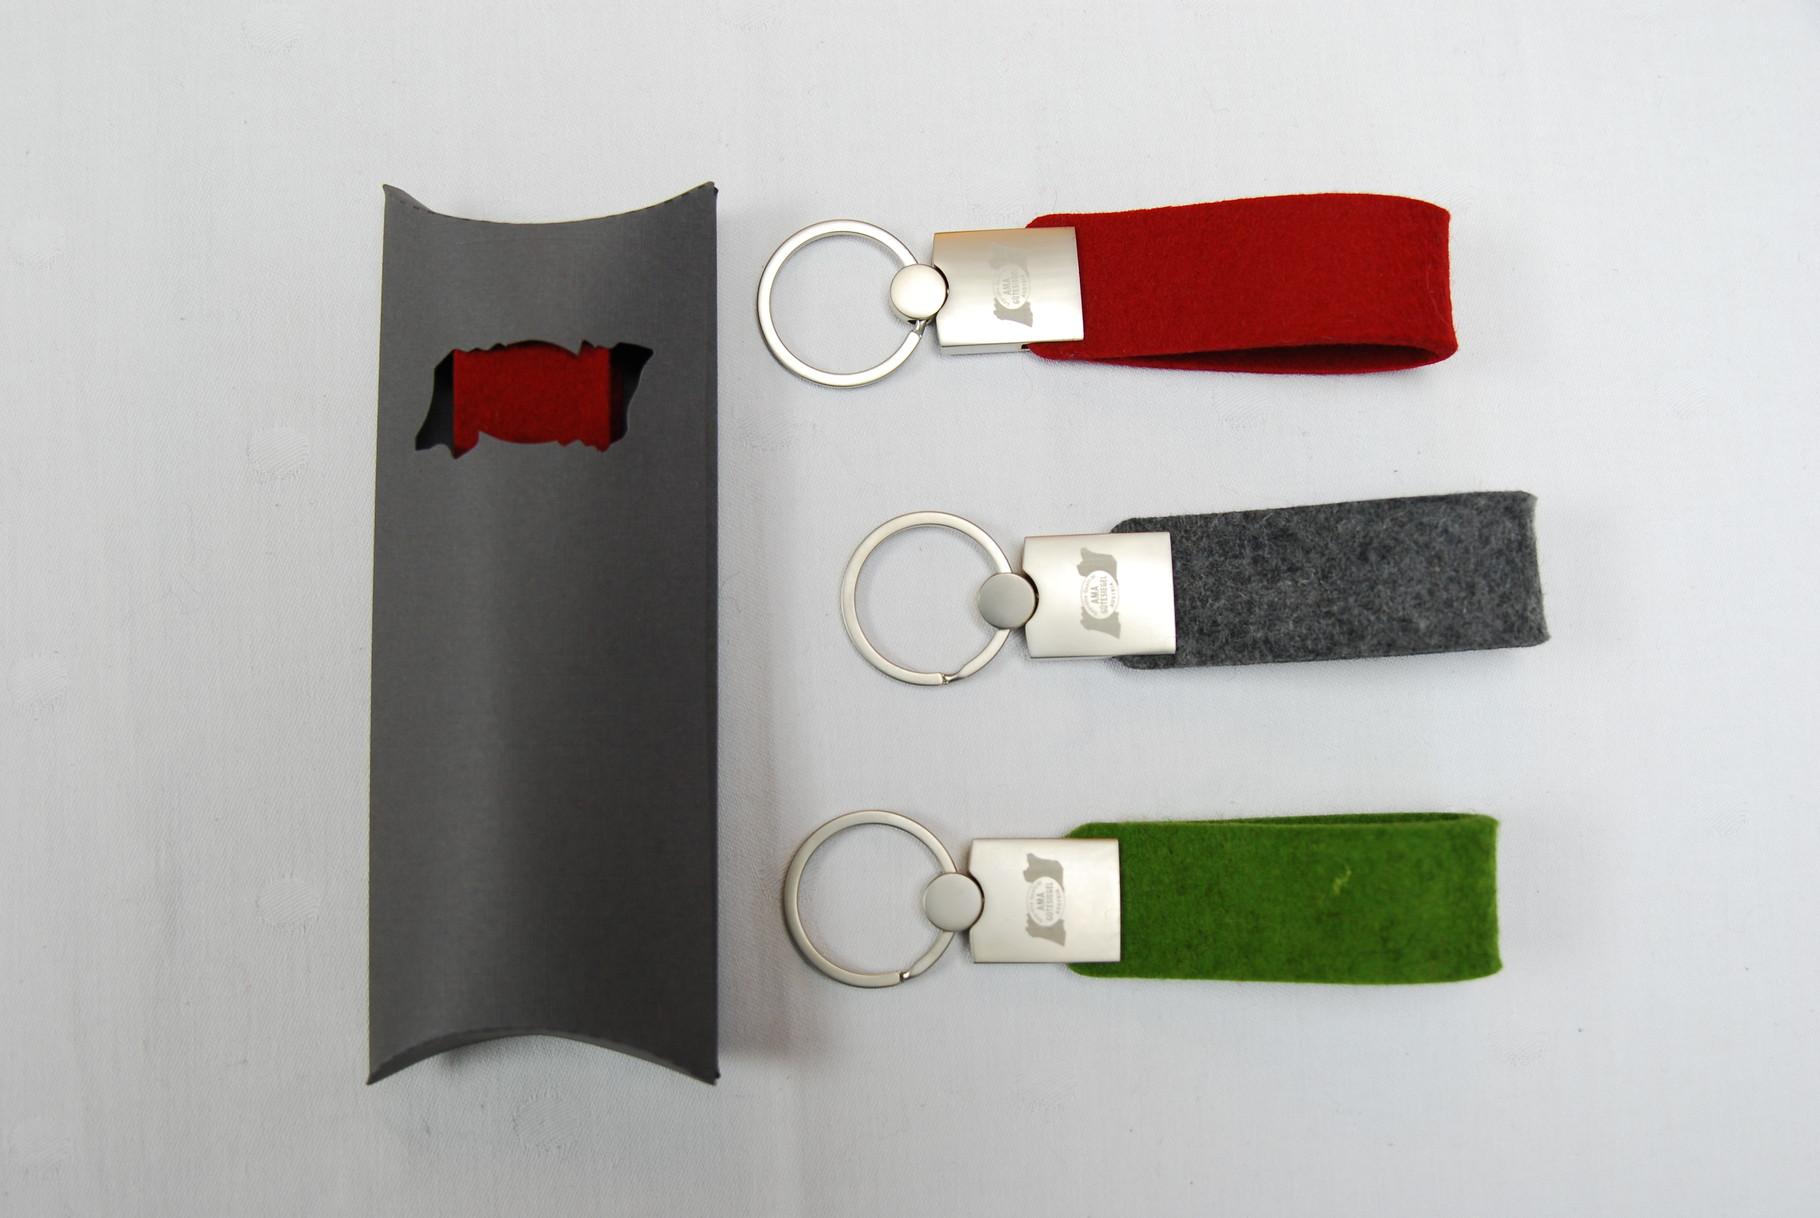 Der hochwertige Schlüsselanhänger samt Verpackung von FivePoints.